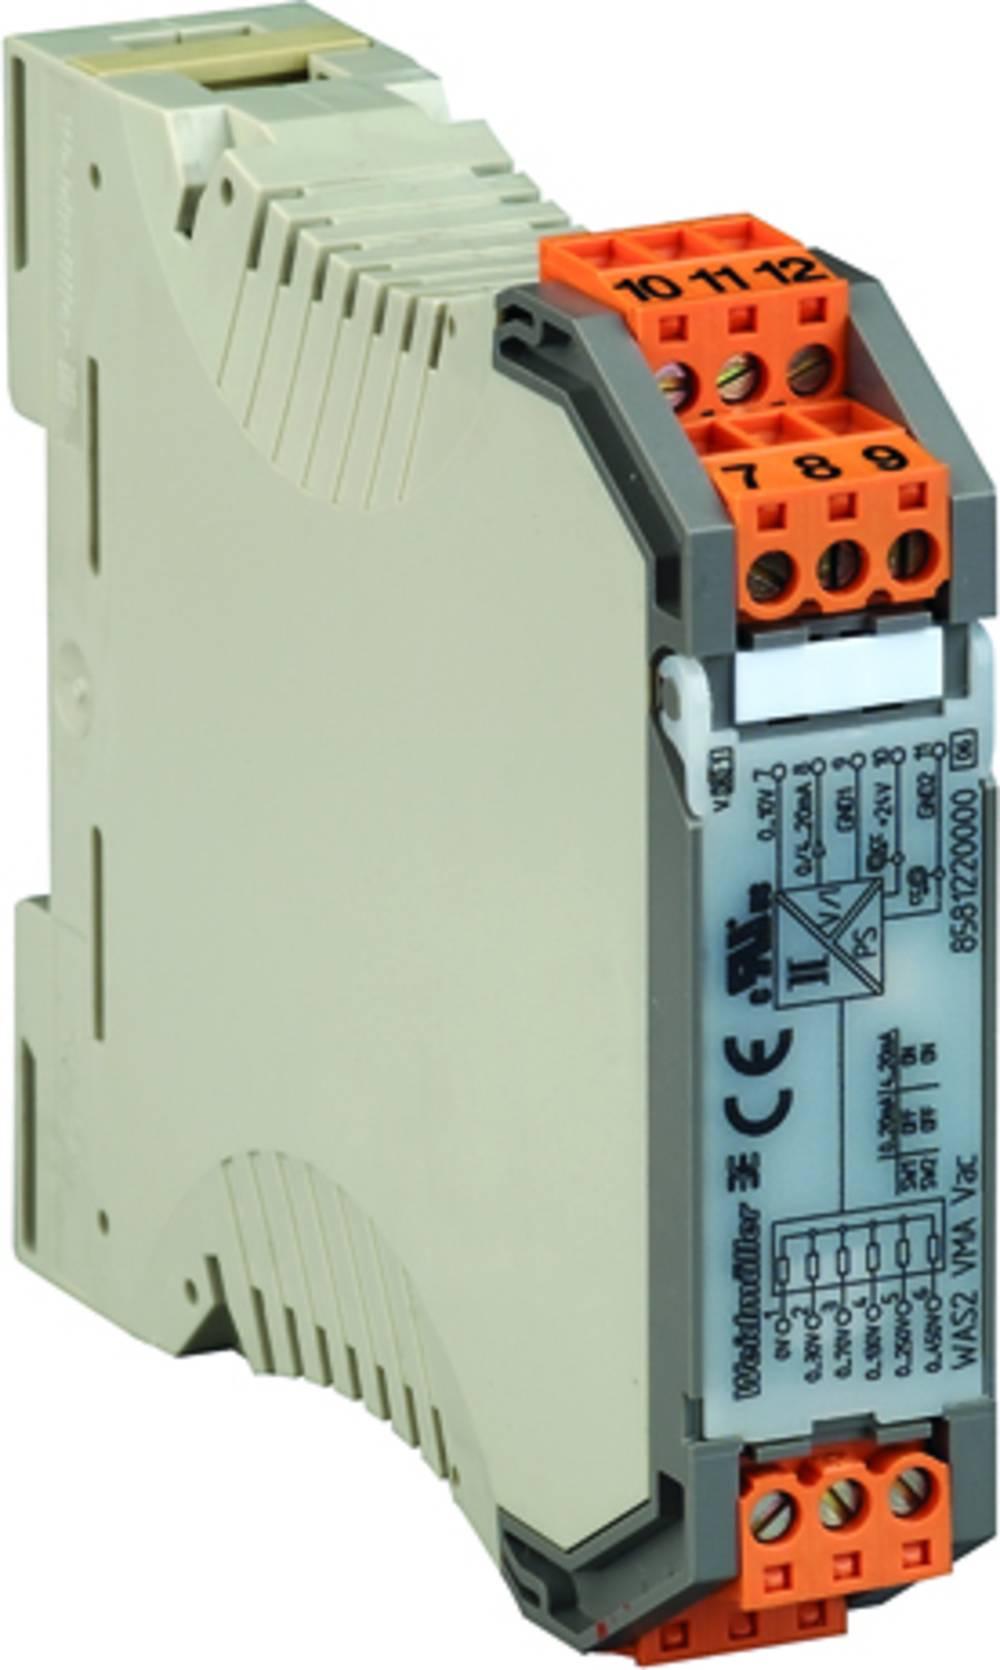 Zunanja oskrba z napetostjo WAS5 DC/ALARM kataloška številka 8543820000 Weidmüller vsebuje: 1 kos